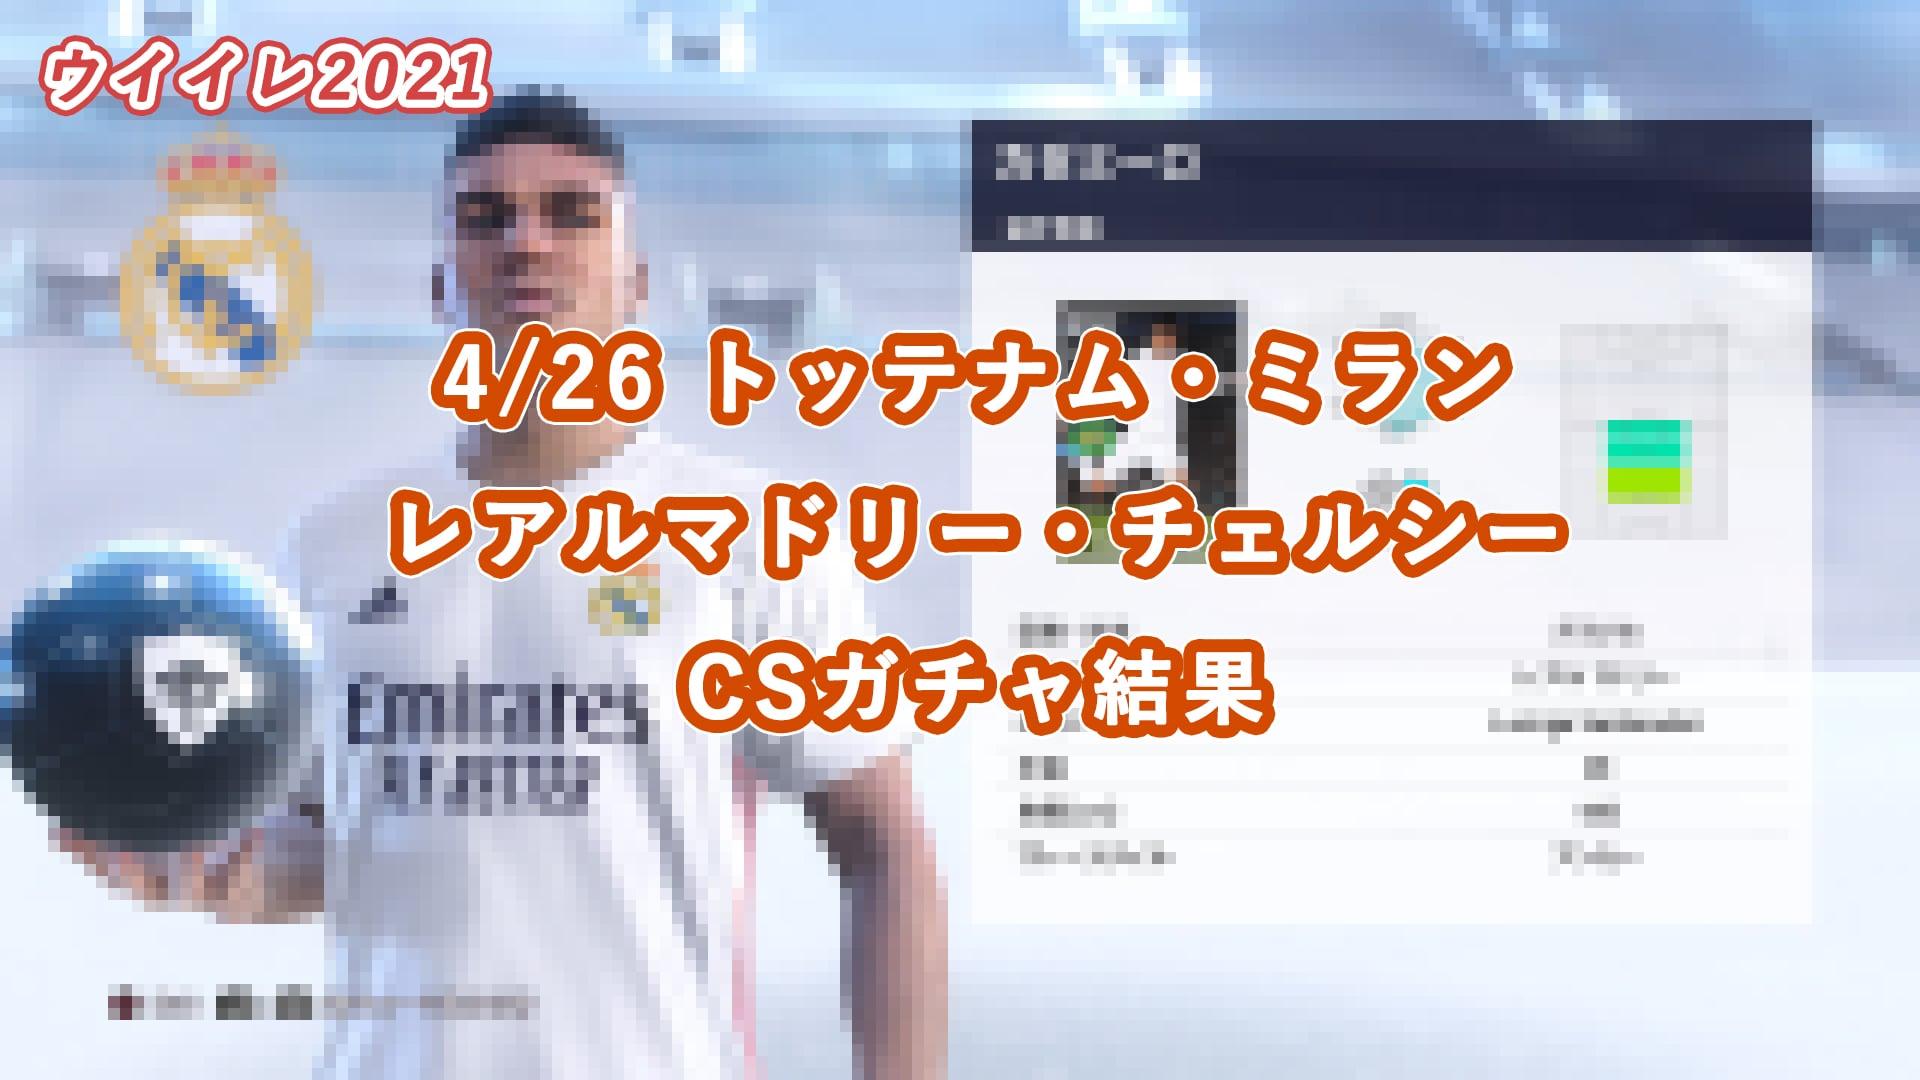 【ウイイレ2021】 4/26 トッテナム・ミラン・レアルマドリー・チェルシーCSガチャ結果